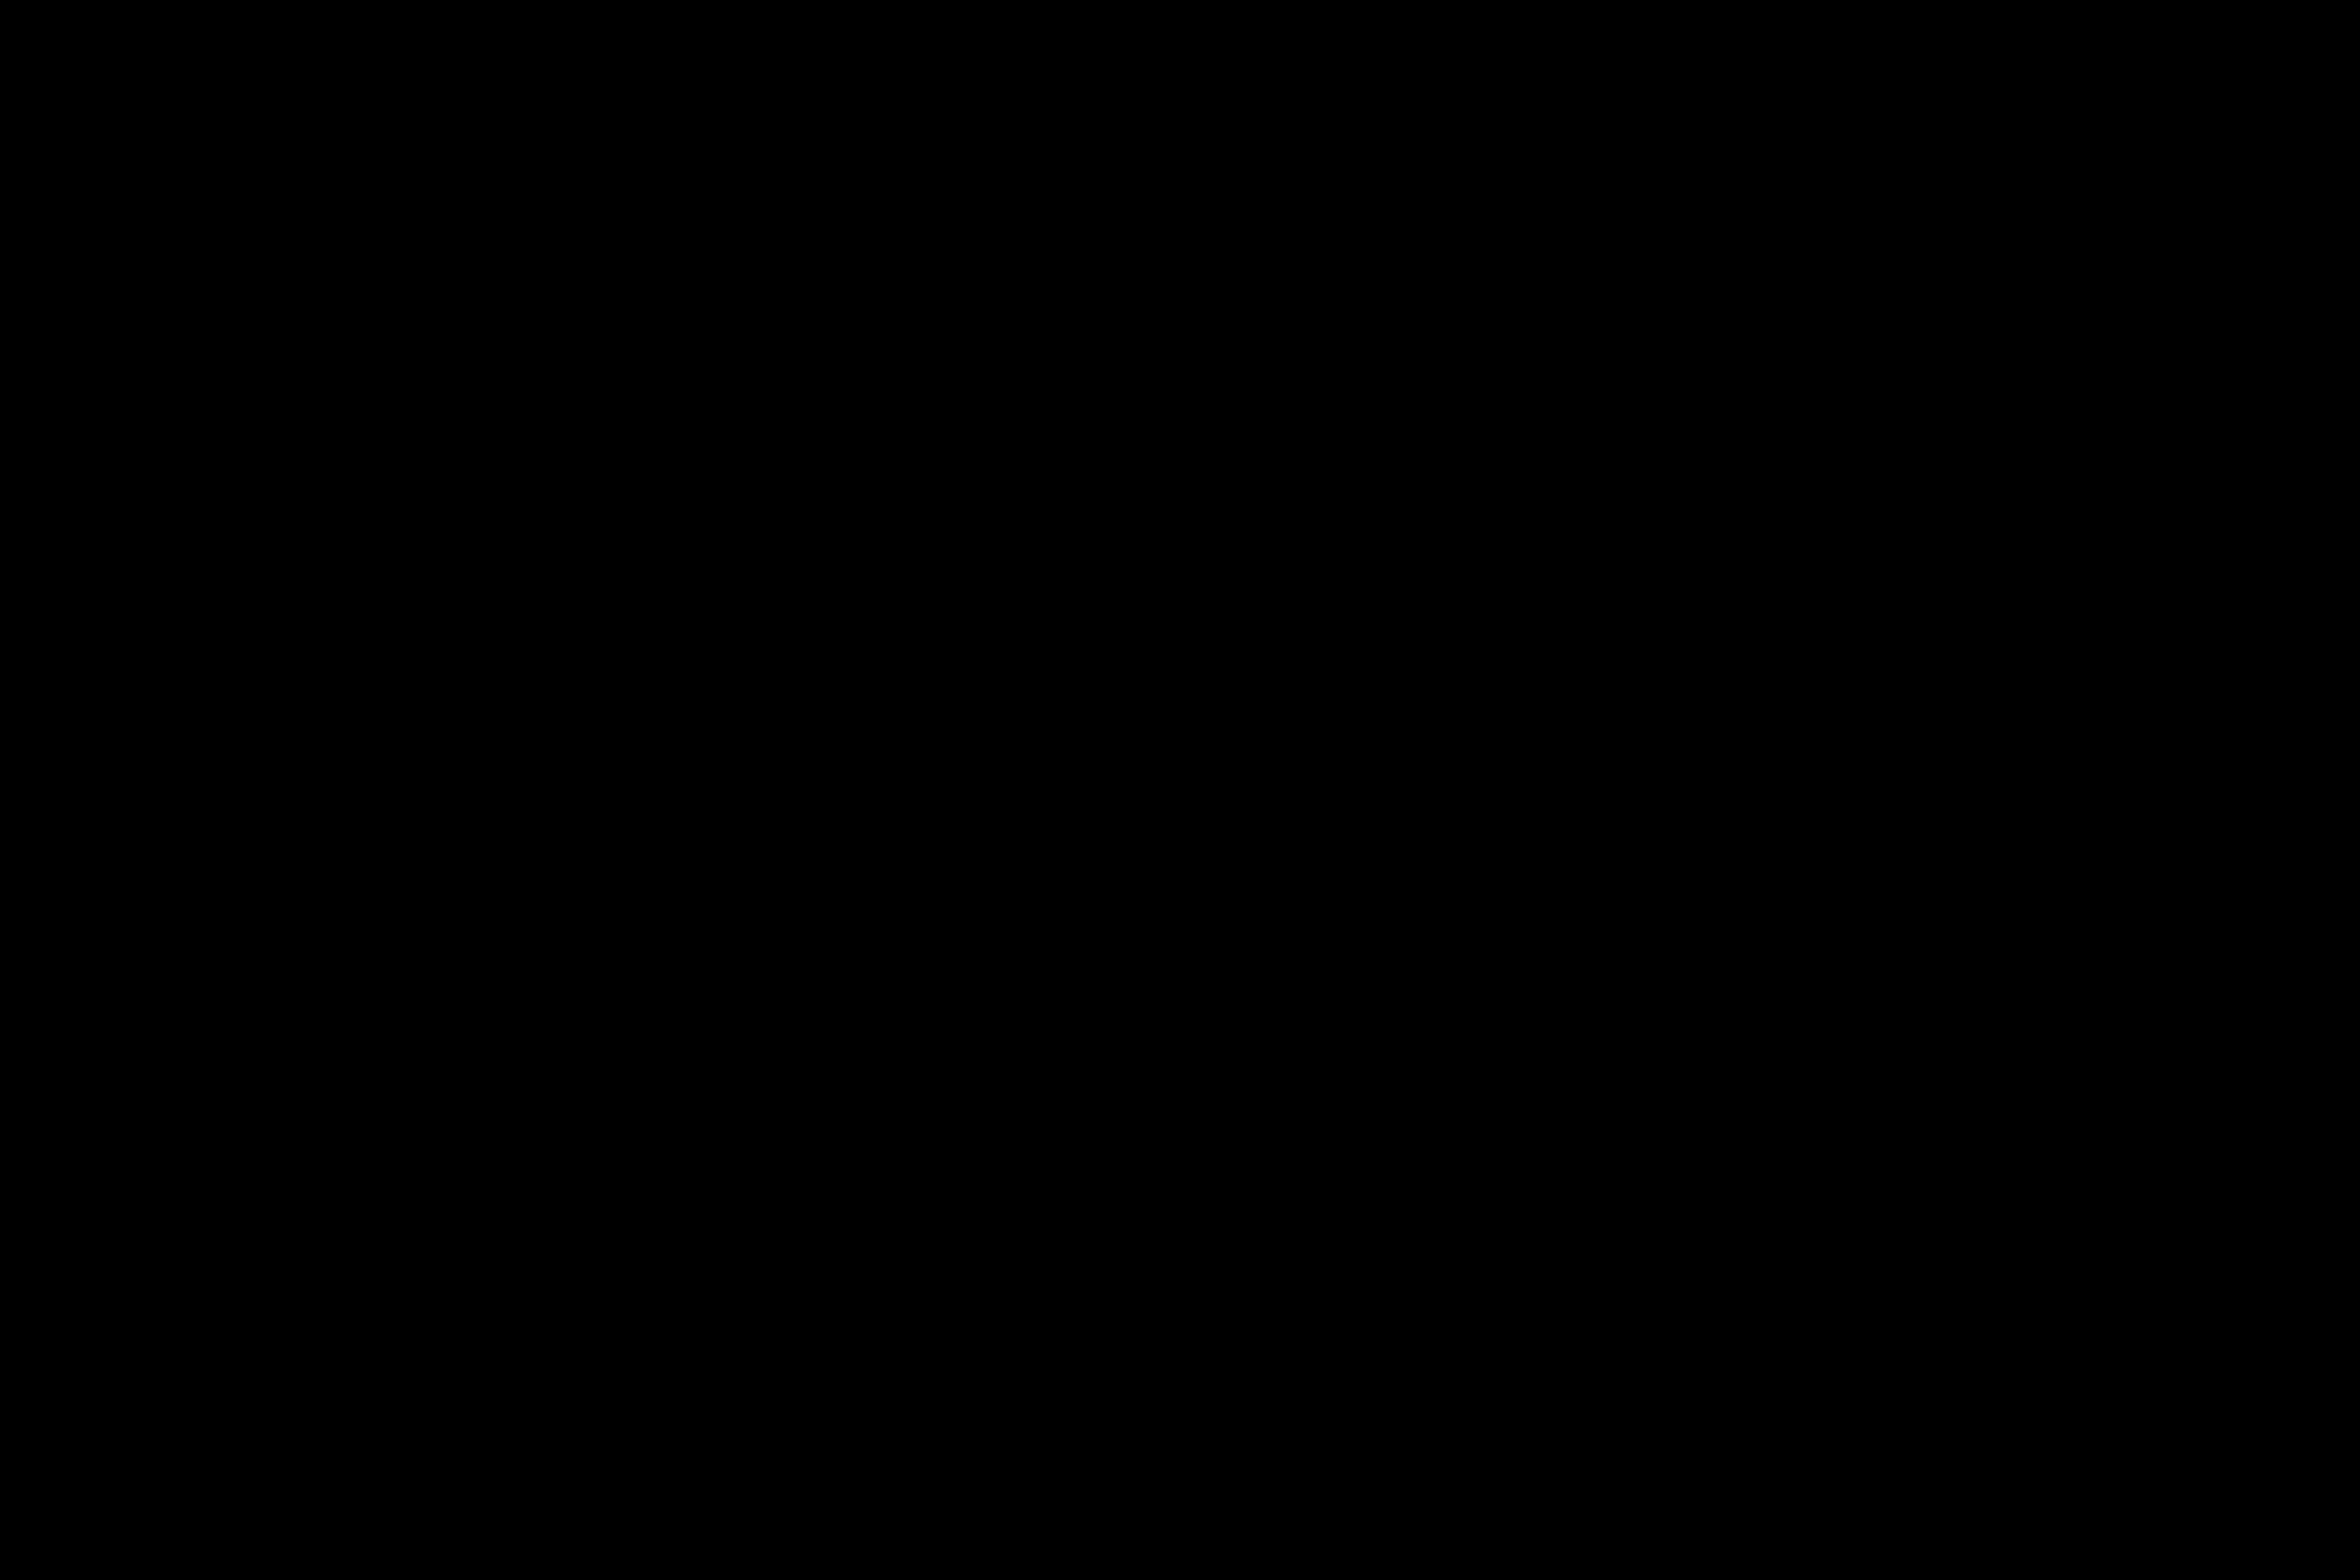 Stellungnahme COVID-19 (Corona Virus)-VON ALLMEN AG